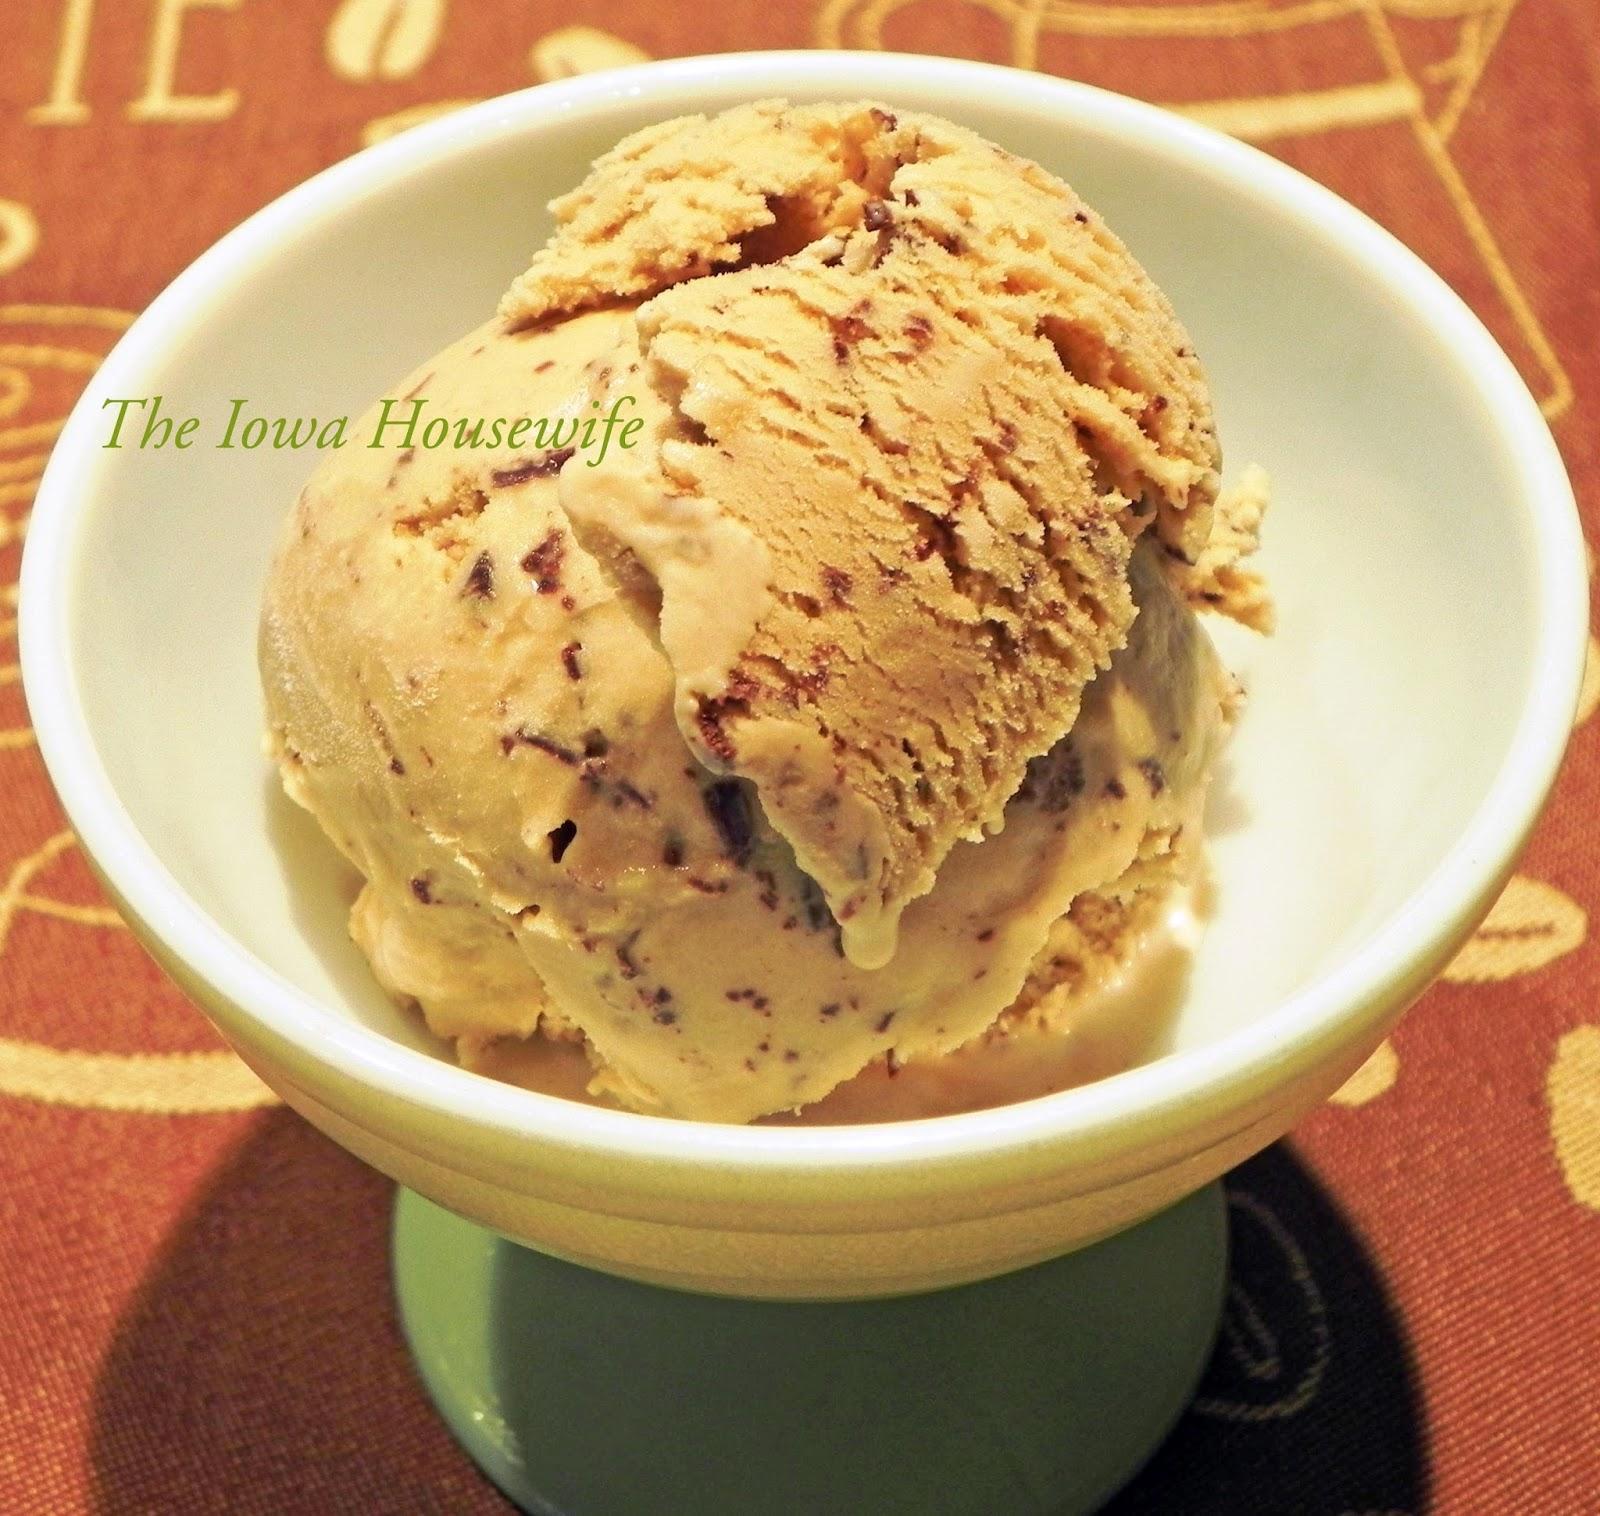 The Iowa Housewife: Coffee Chocolate Ice Cream